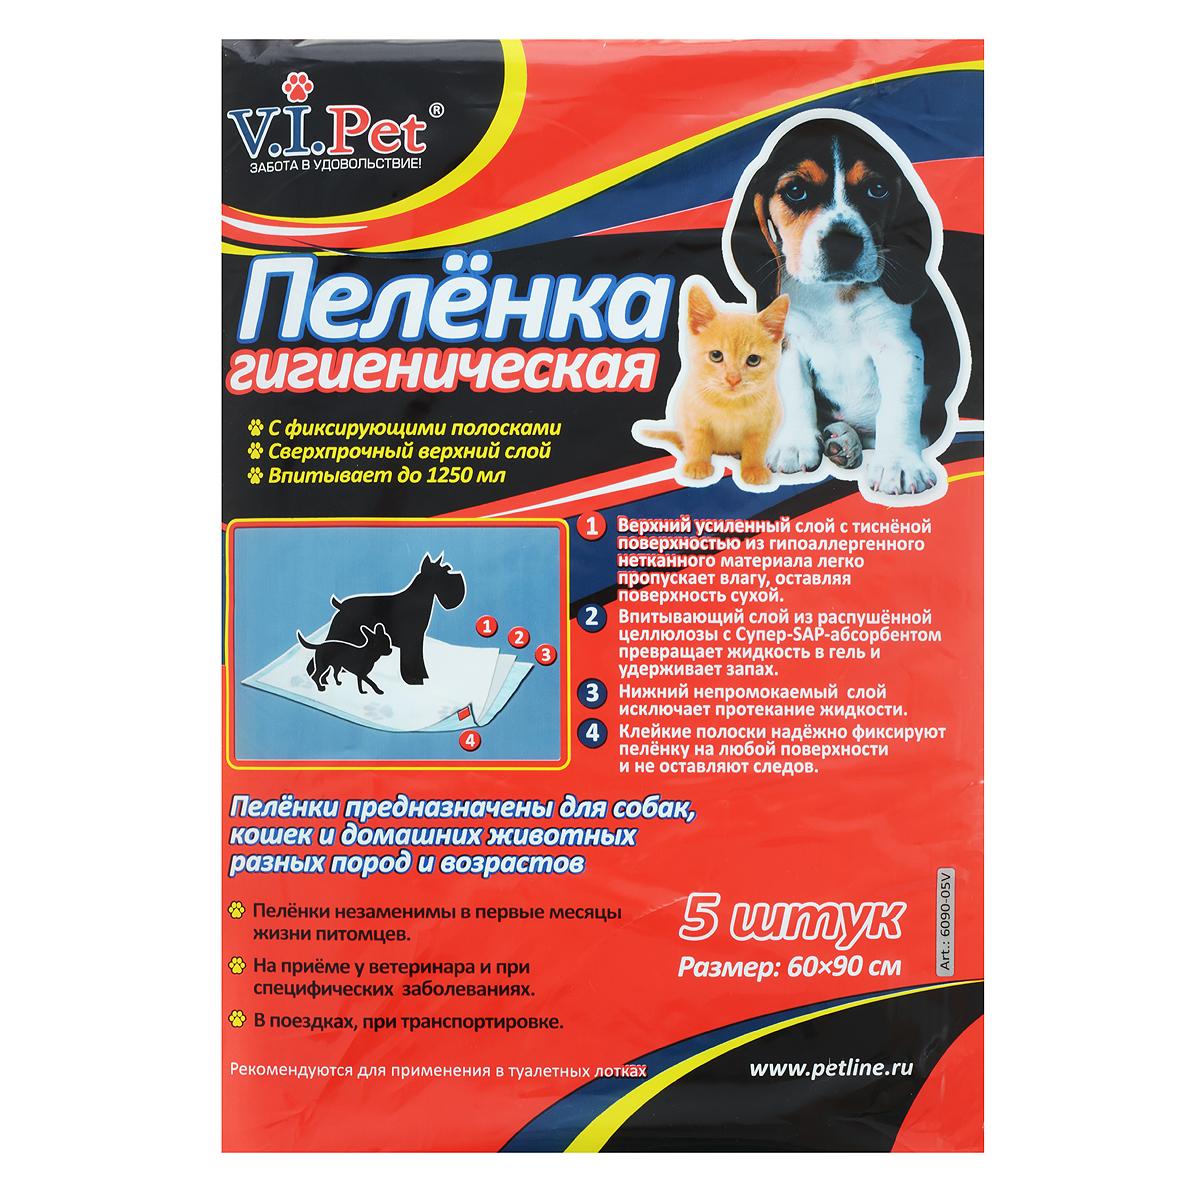 Пеленки гигиенические для животных V.I.Pet, 60 см х 90 см, 5 шт0120710Впитывающие гигиенические пеленки V.I.Pet предназначены для щенков и взрослых собак всех размеров, пород и возрастов. Пеленки имеют 3 слоя: - верхний усиленный слой с тисненной поверхностью из гипоаллергенного нетканного материала легко пропускает влагу, оставляя поверхность сухой;-впитывающий слой из распушенной целлюлозы превращает жидкость в гель и удерживает запах;- нижний непромокаемый слой исключает протекание жидкости.Пеленки незаменимы в первые месяцы жизни щенков, при специфических заболеваниях, поездках, выставках и на приеме у ветеринара.Пеленки обеспечивают комфорт и спокойствие вам и вашему питомцу. Комплектация: 5 шт. Размер пеленки: 60 см х 90 см.Товар сертифицирован.